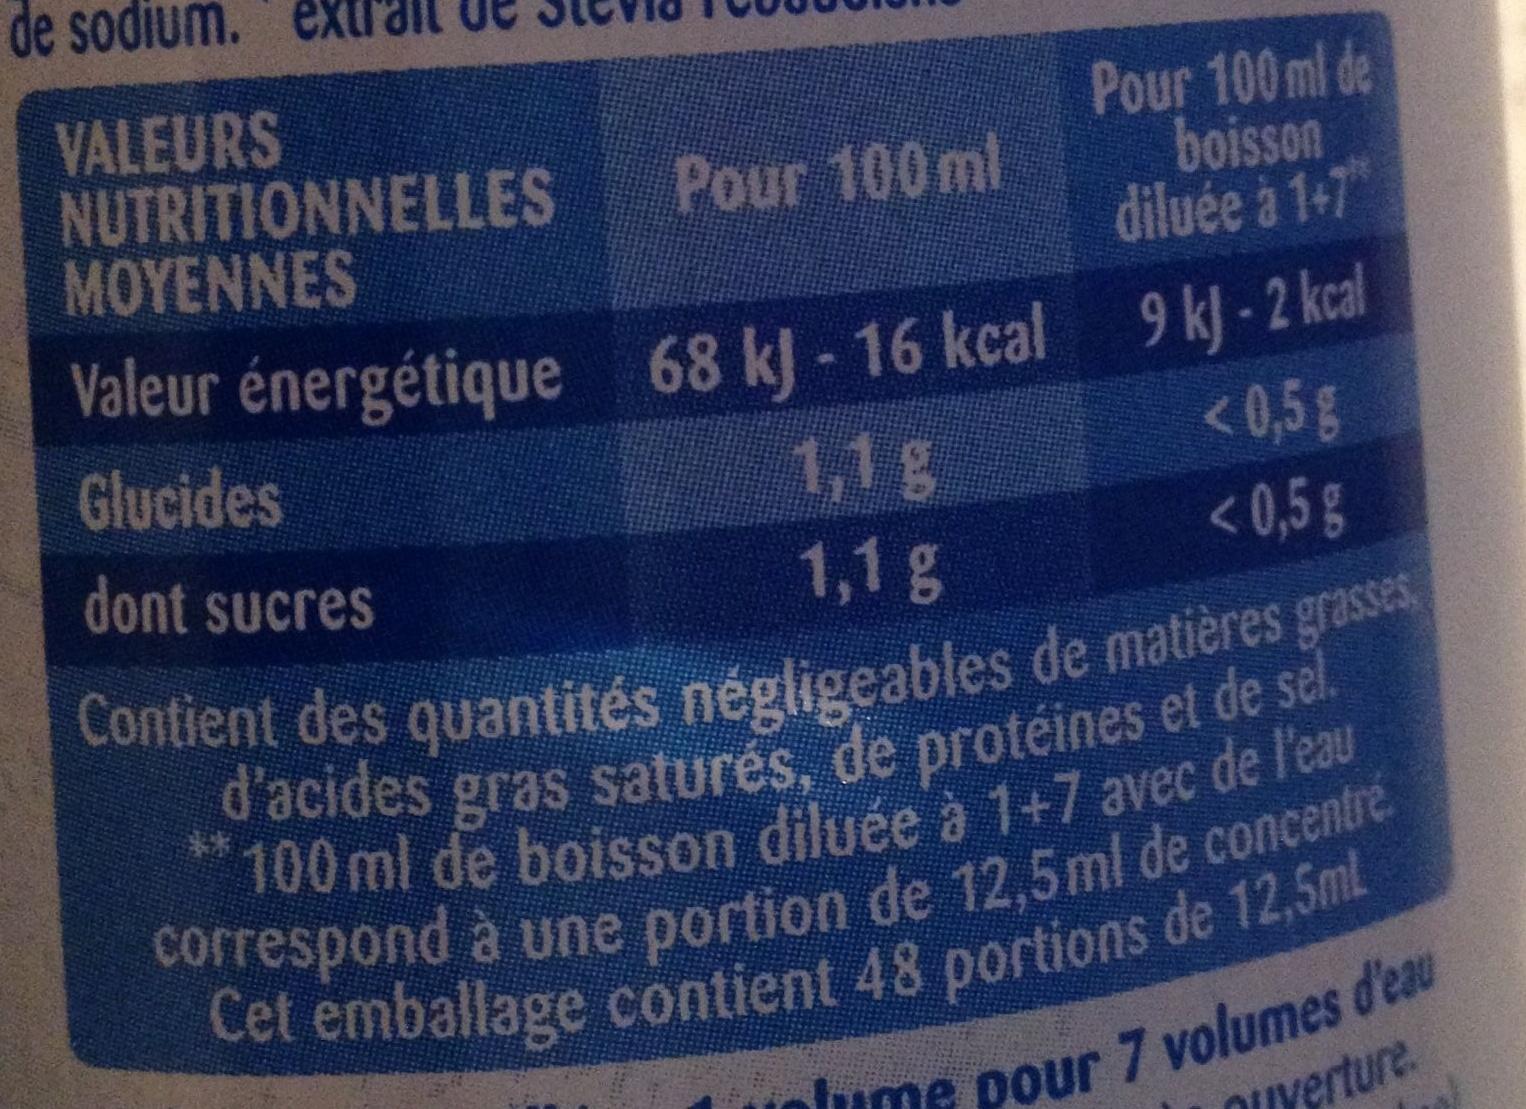 Sirop parfum grenadine 0% de sucre - Voedingswaarden - fr